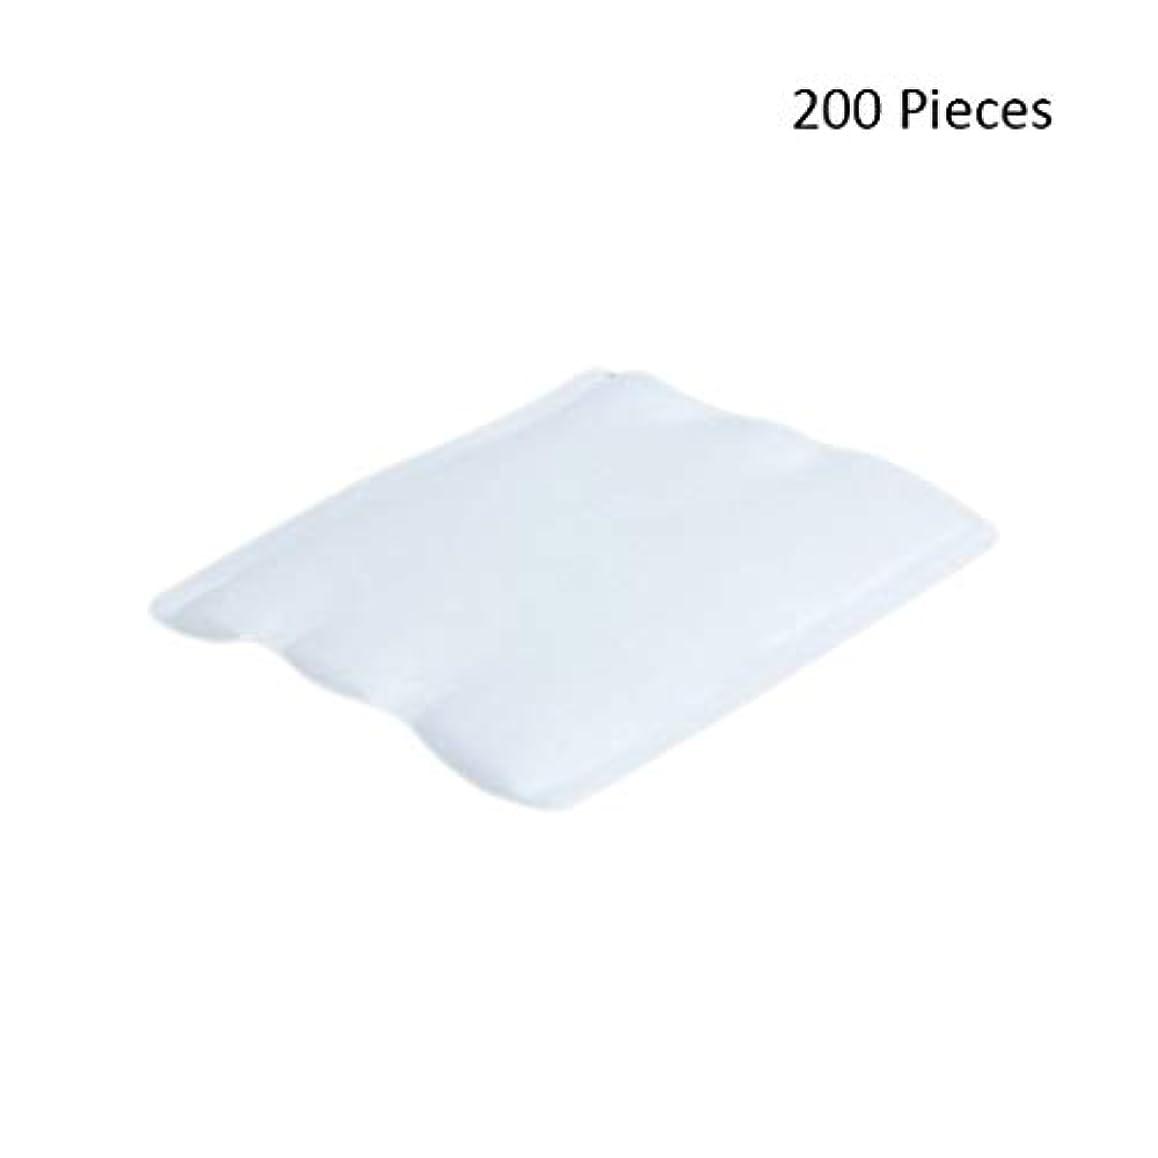 交流する地理容量化粧パッド 200ピースオーガニックコットンパッドフェイシャルカットクレンジングメイクアップパフ化粧品メイクアップリムーバーワイプスキンフェイスウォッシュコットンパッド メイク落とし化粧パッド (Color : White...